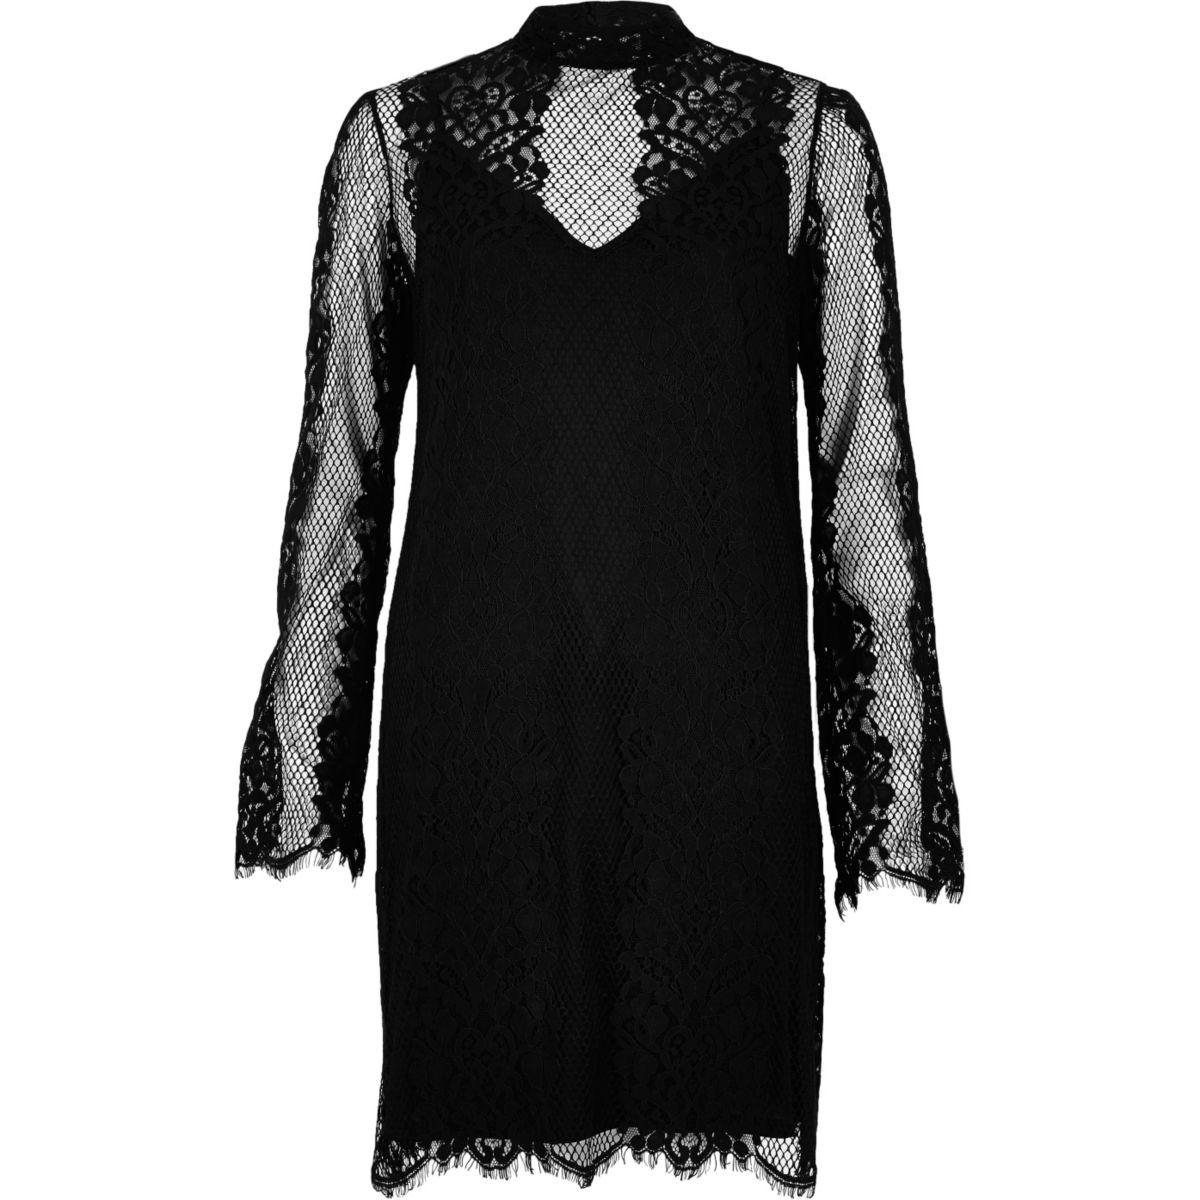 Black layered lace slip dress